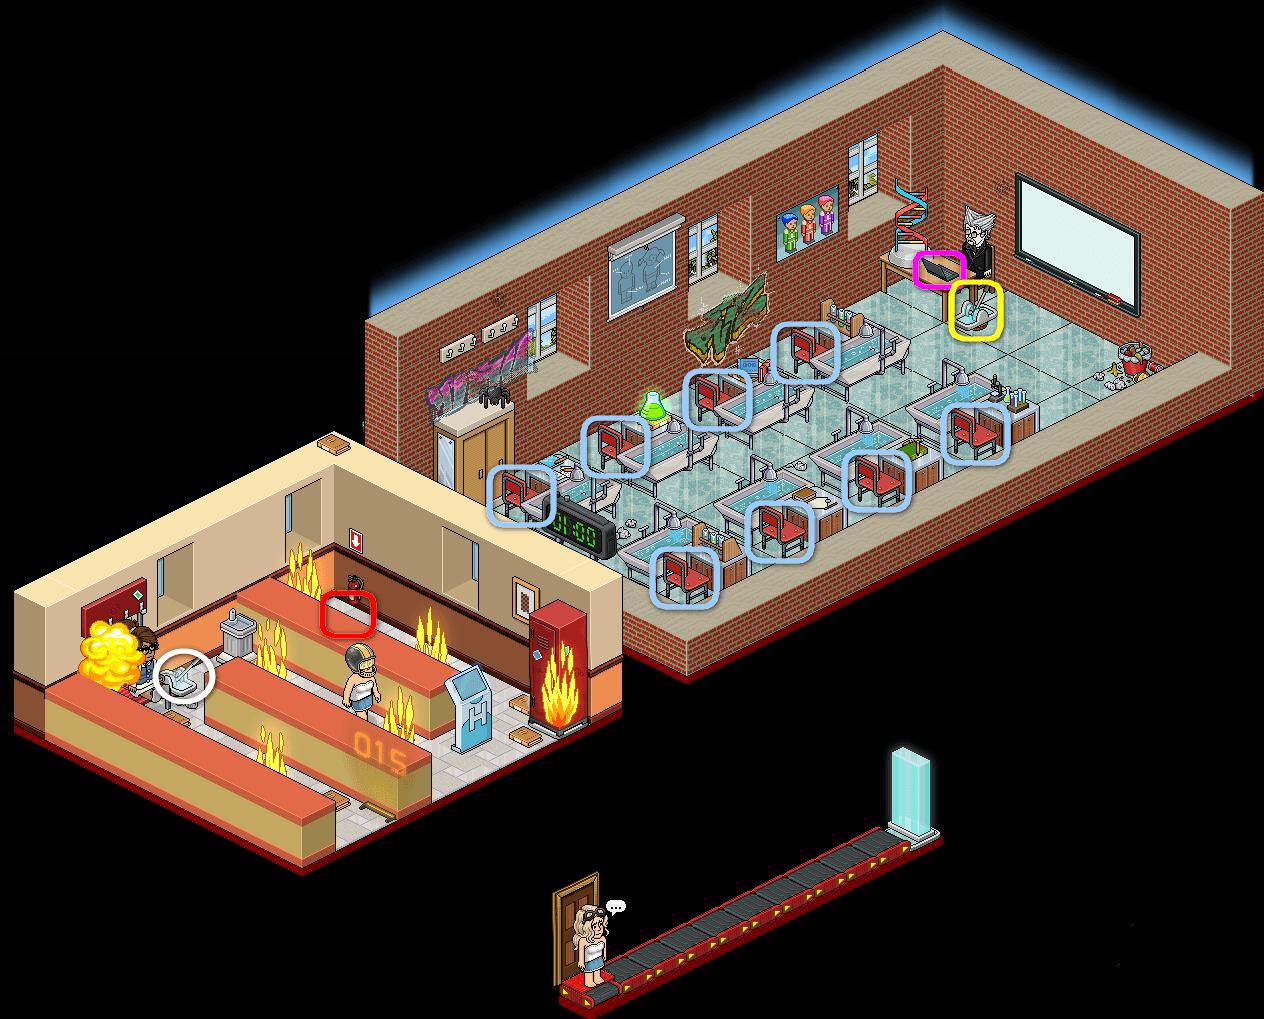 [BAW 11.5] - Laboratoire de chimie